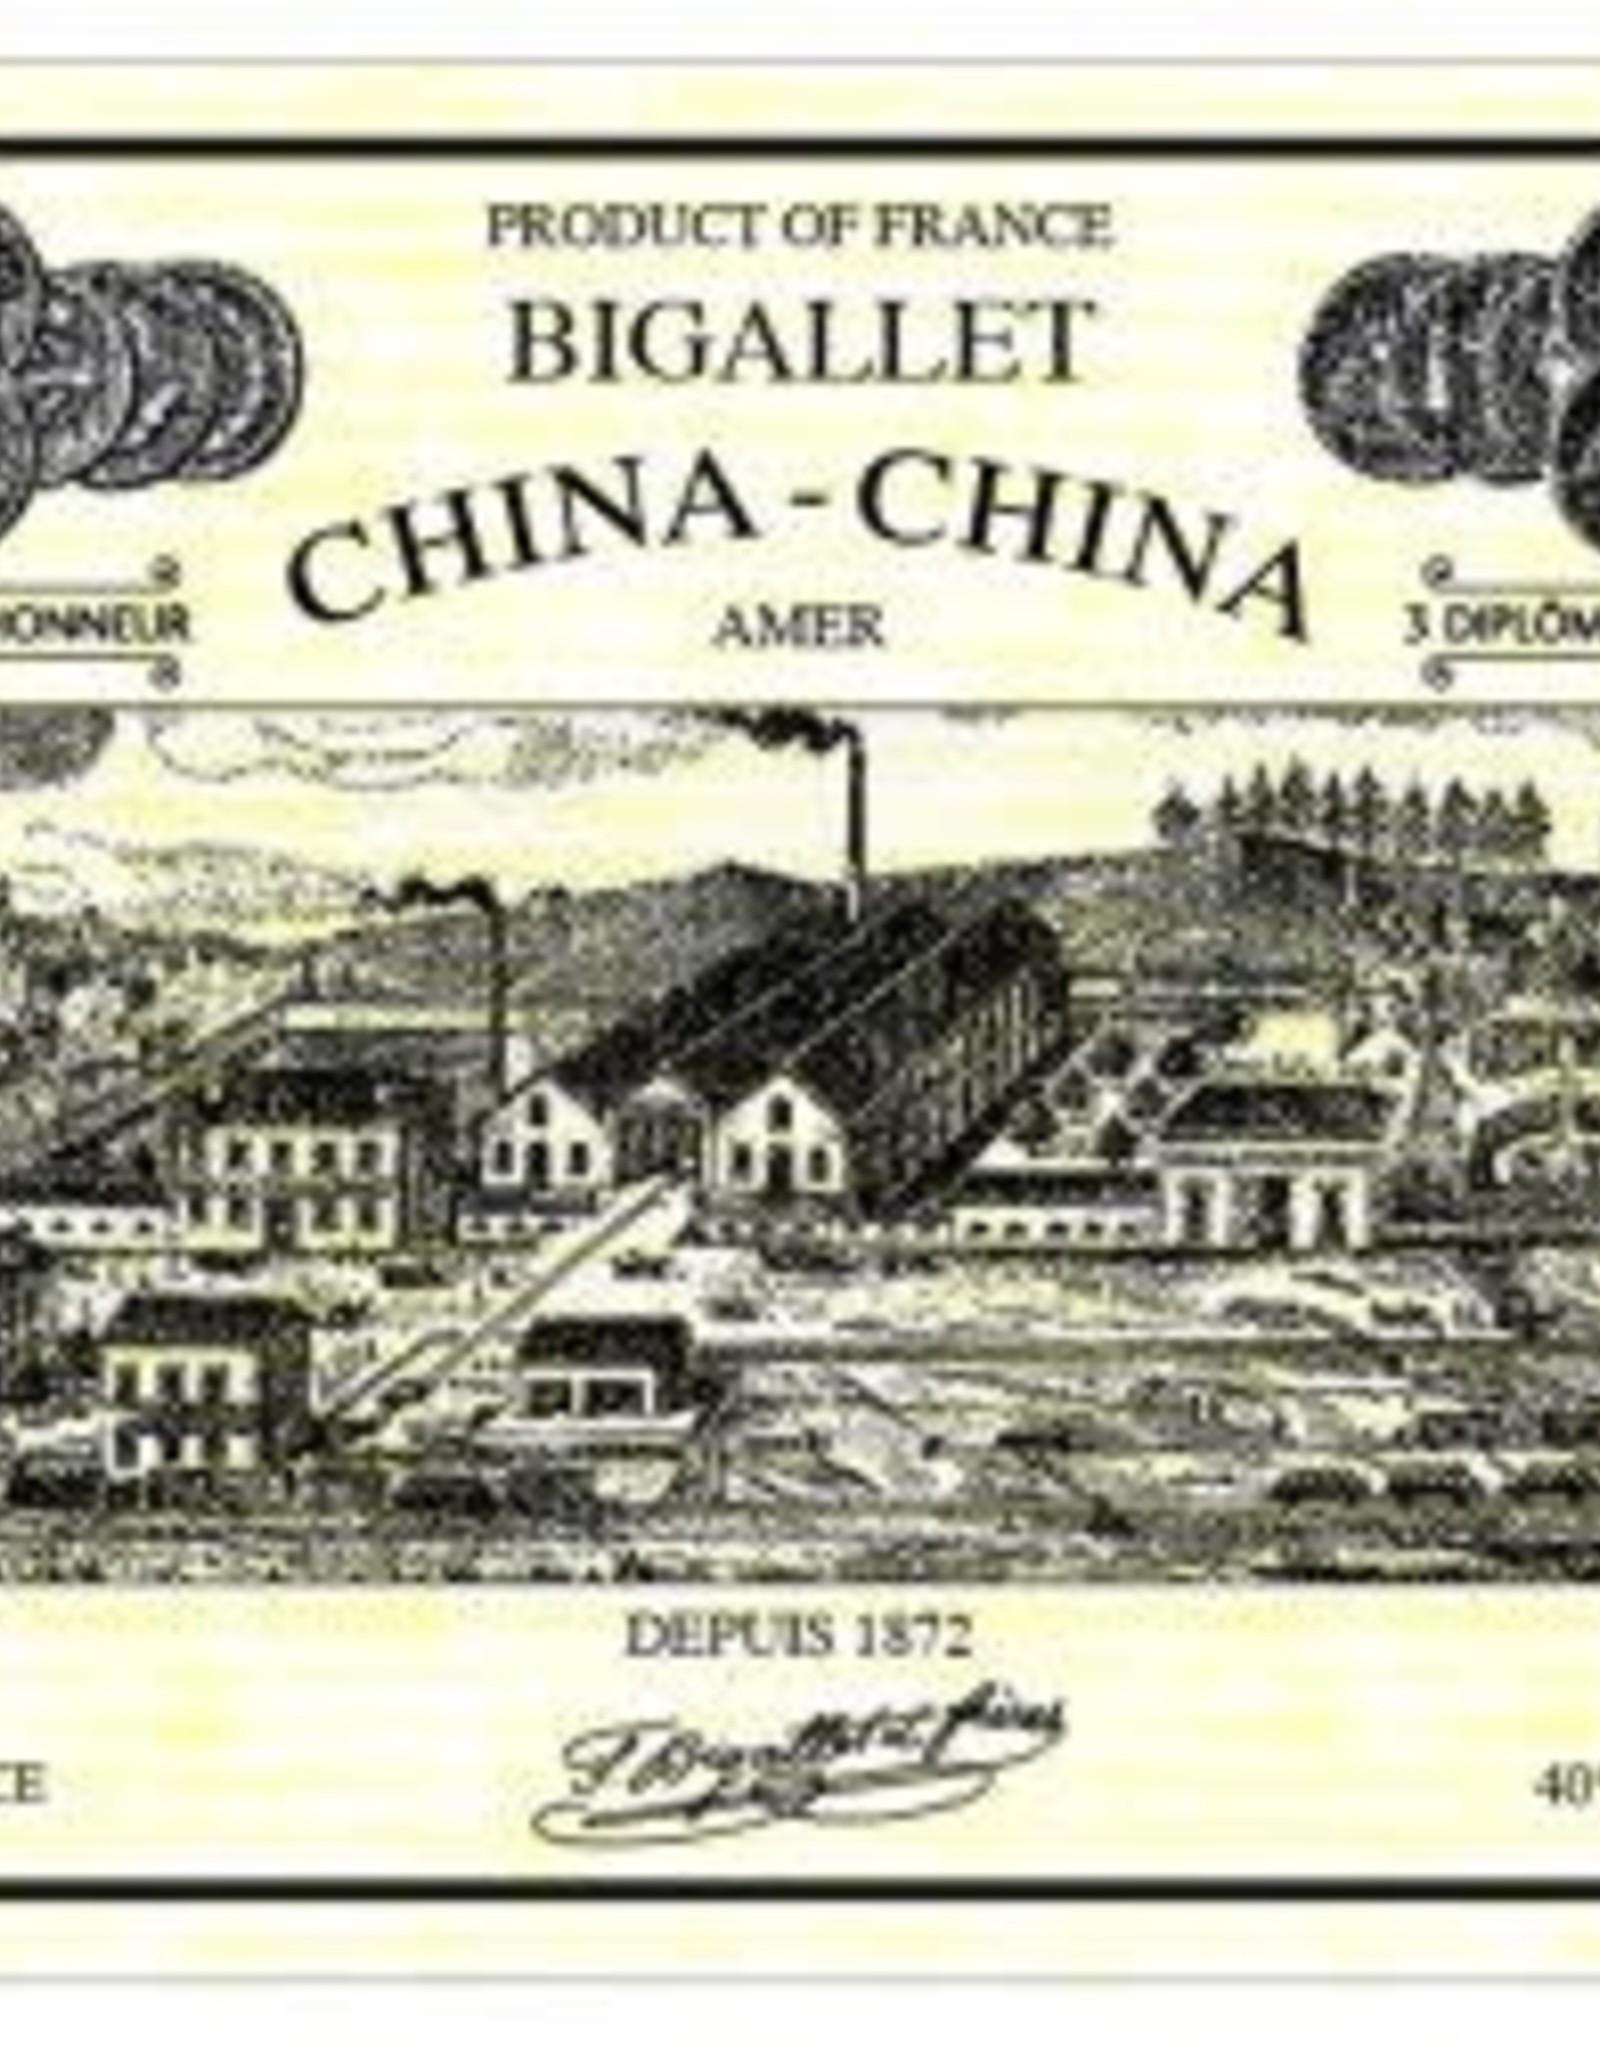 """Amer Liqueur, """"China-China,"""" Bigallet NV"""